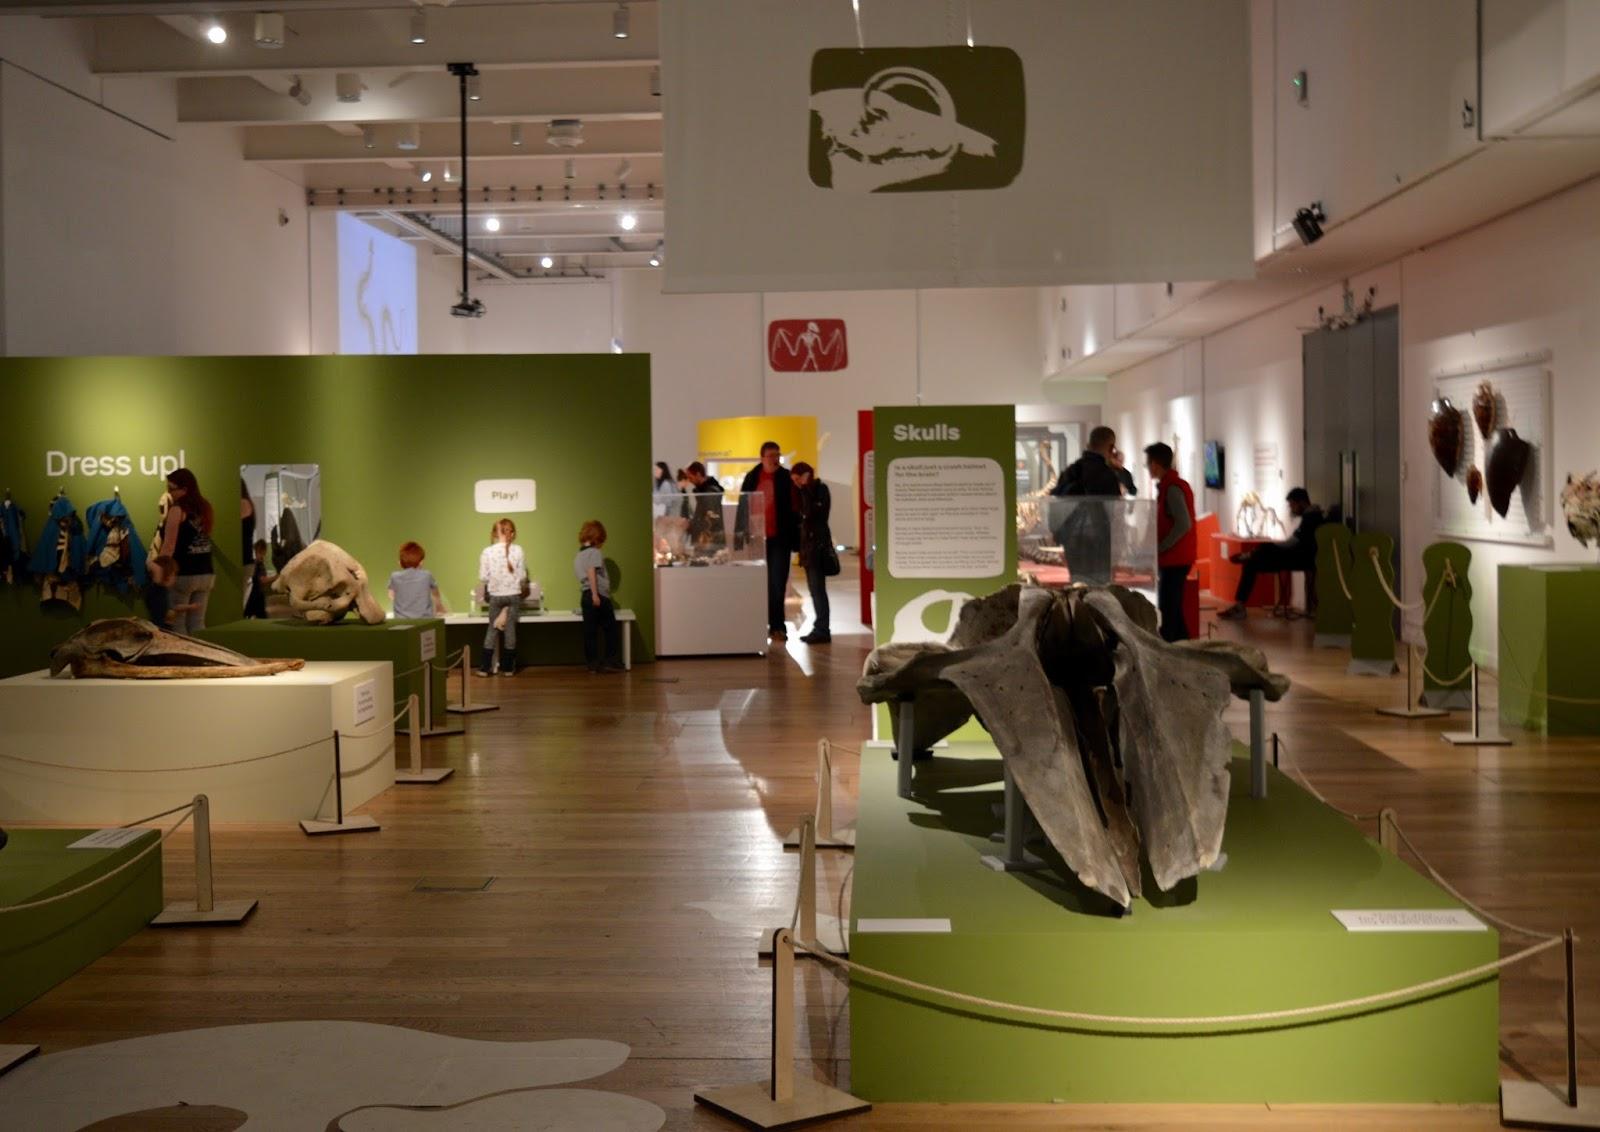 Bones Exhibition at Hancock Museum, Newcastle | exhibition hall